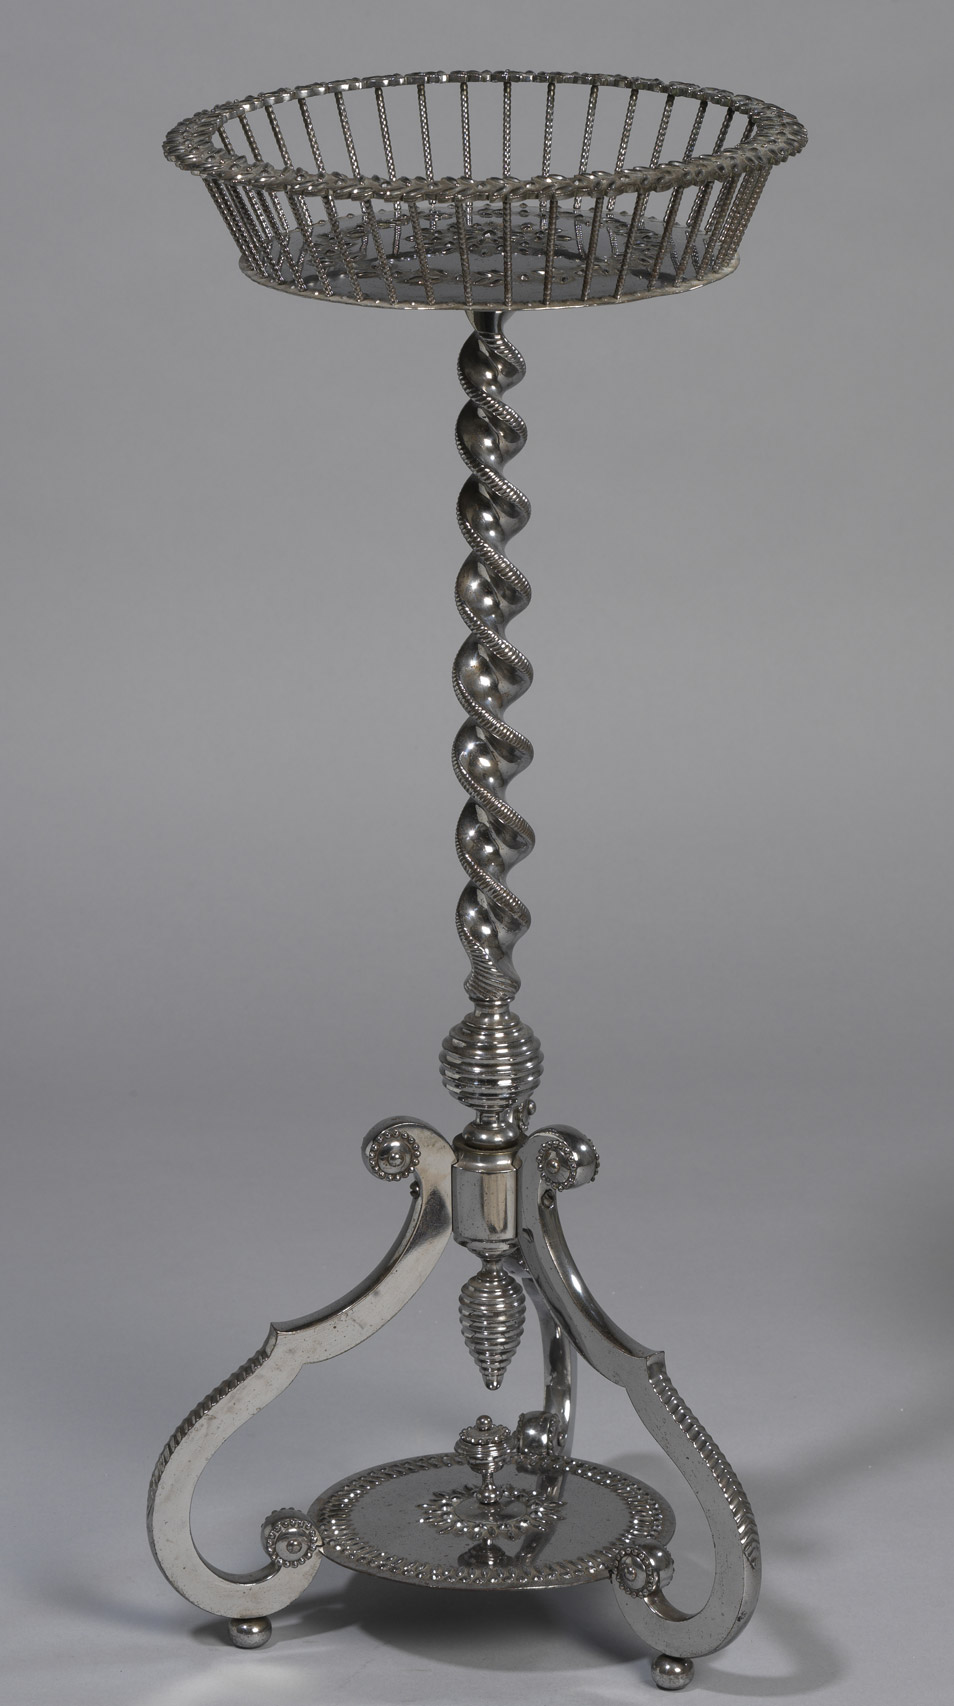 Petit guéridon formant table tricoteuse - Patrimoine Charles-André COLONNA WALEWSKI, en ligne directe de Napoléon